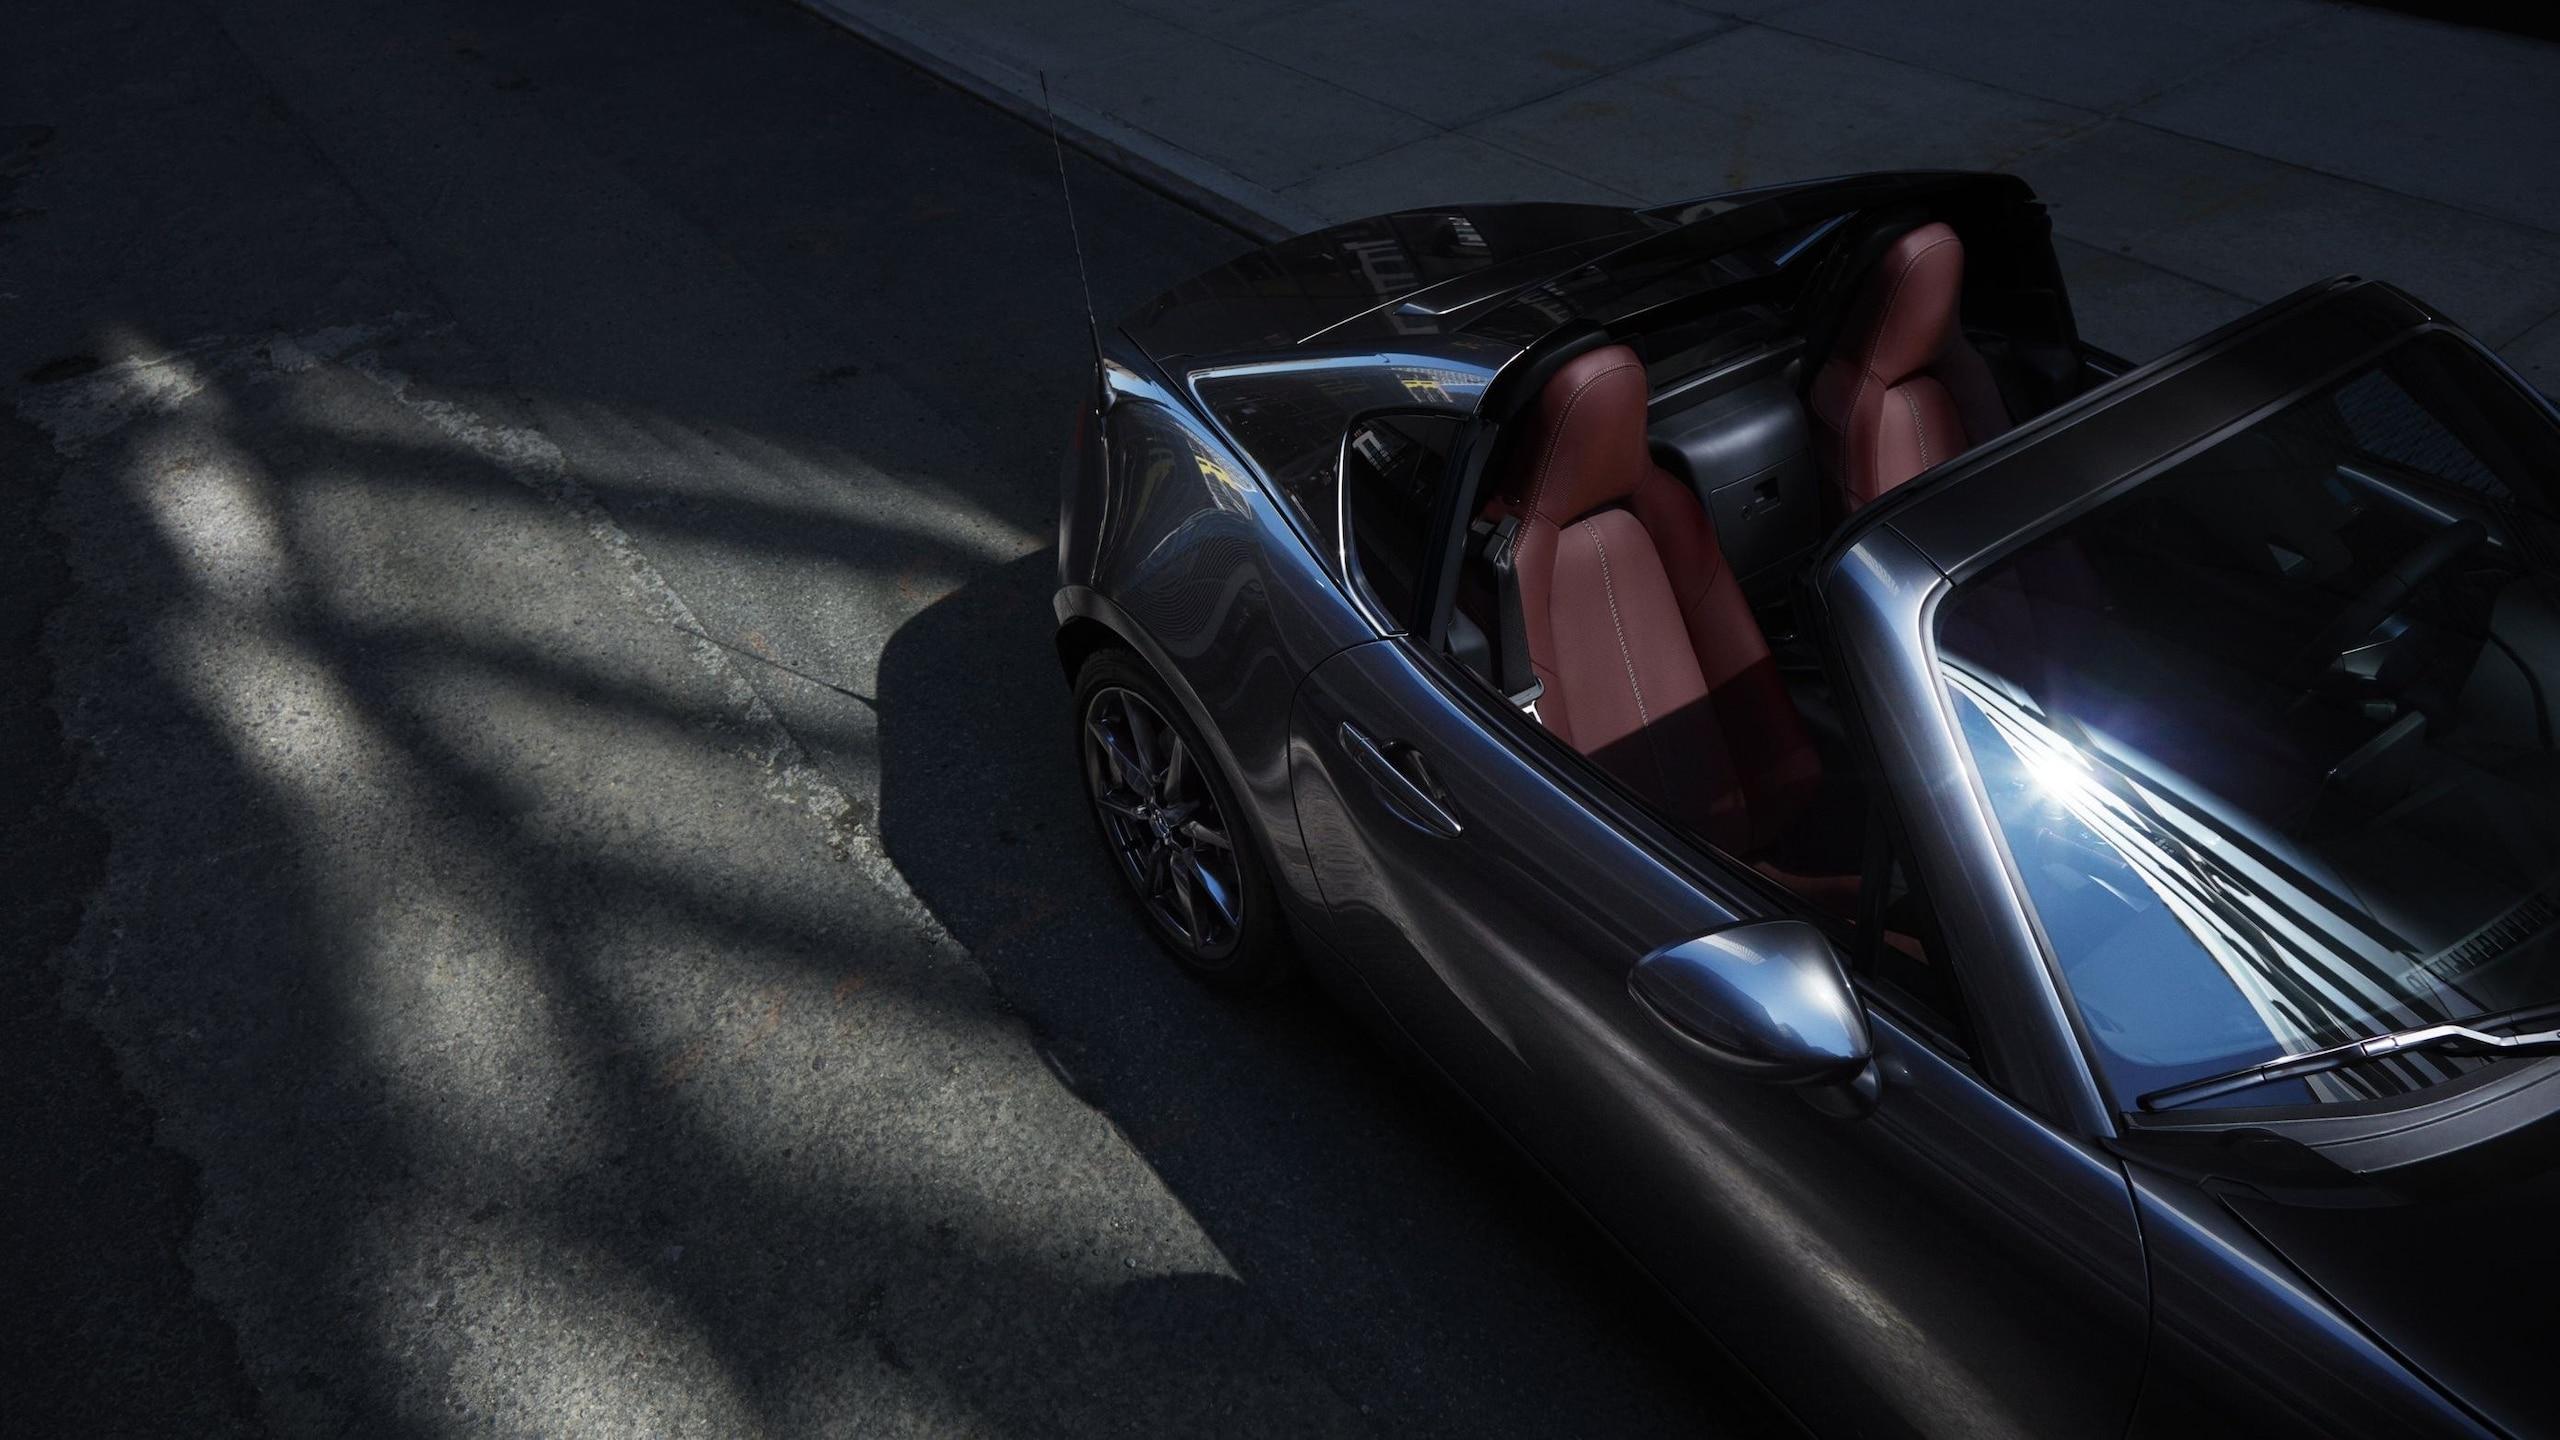 Mazda MX-5 Polymetal 1.5 2020: gli scatti